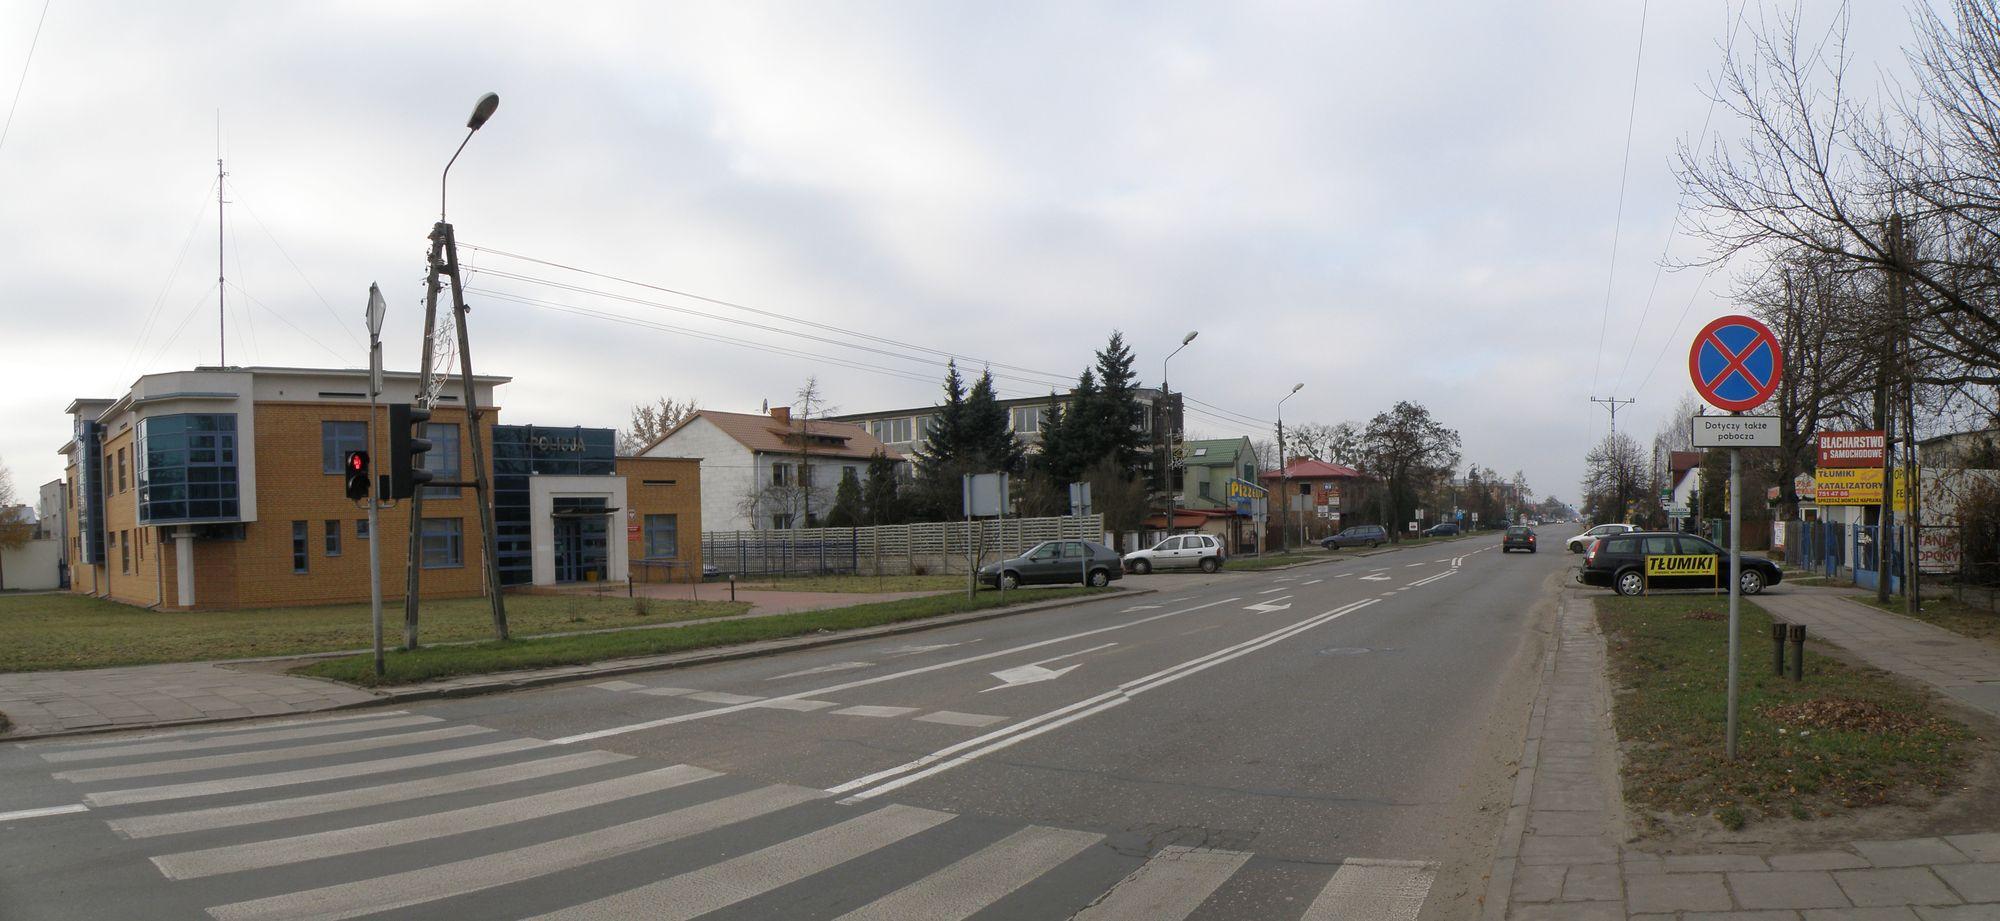 lomianki - Montaż kamer CCTV Łomianki